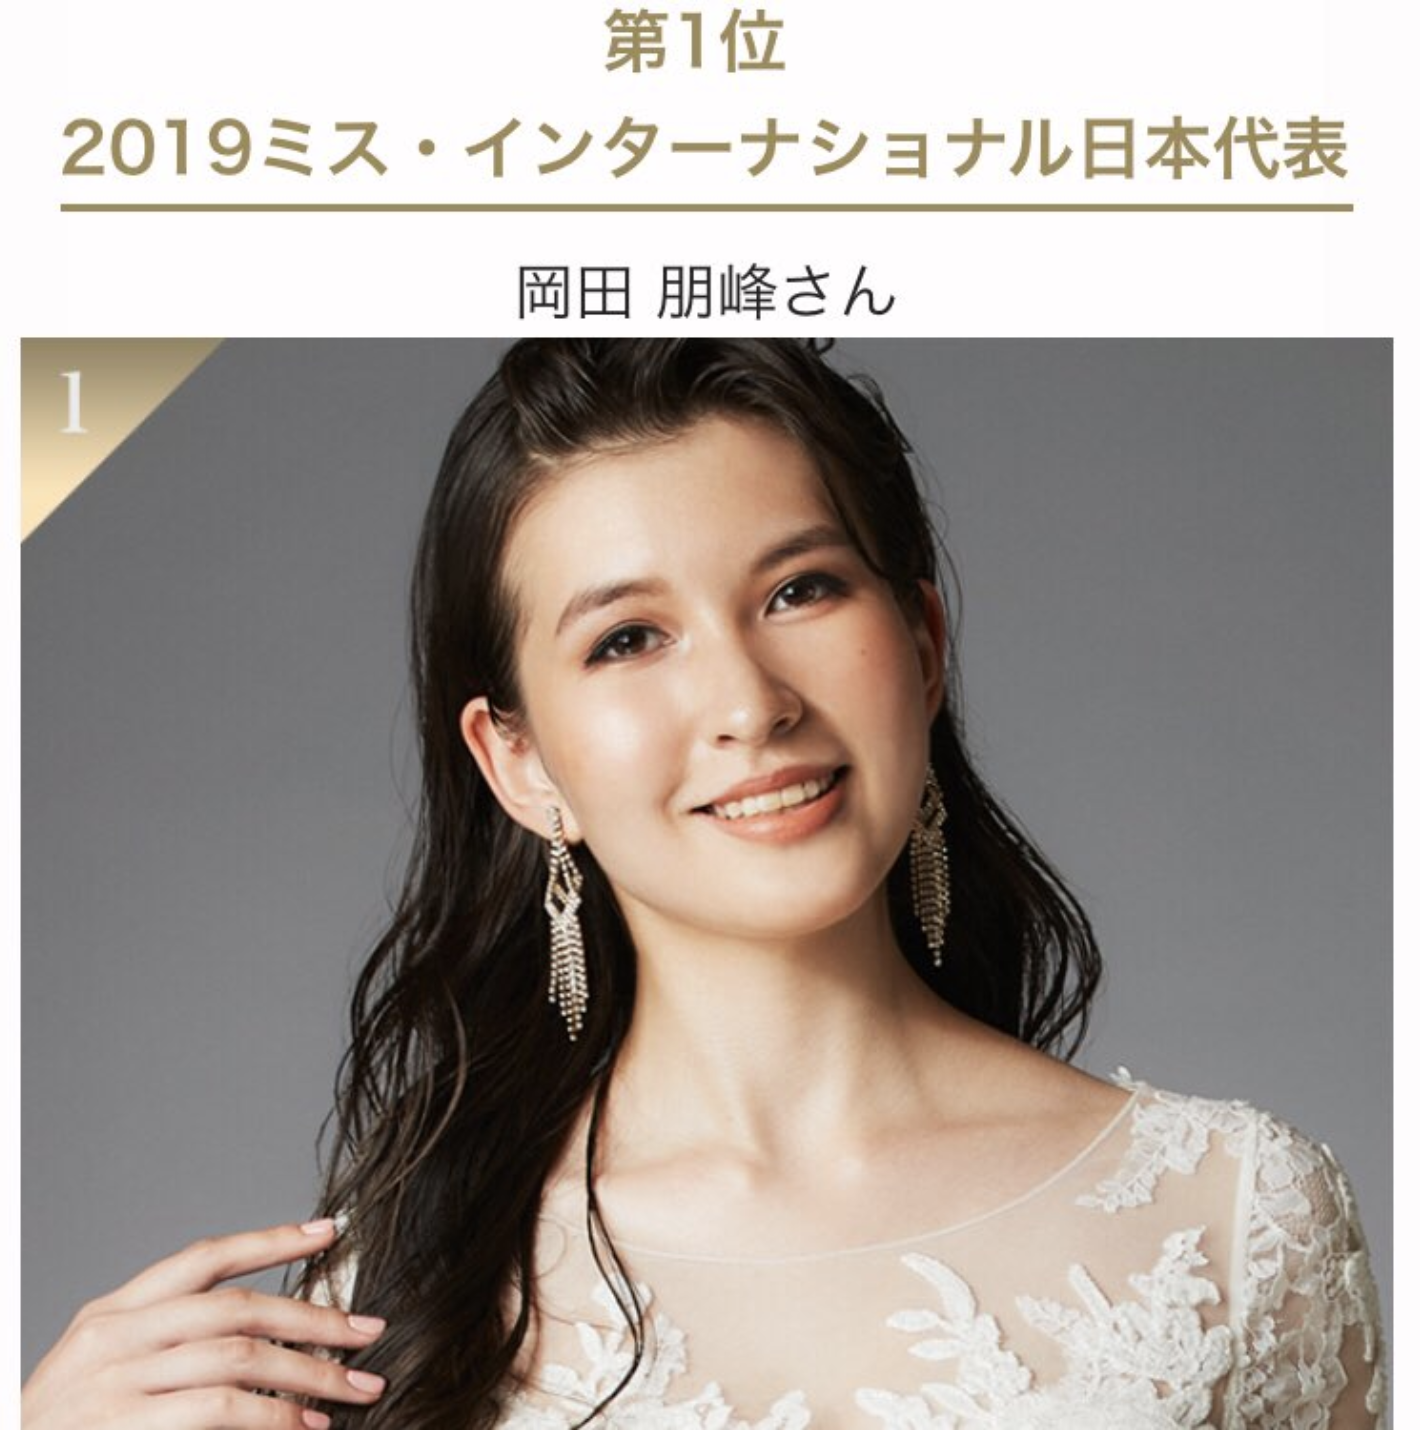 【朗報】故・岡田眞澄さんの娘、朋峰さんがミス・インターナショナル日本代表に!(画像あり)wwwwwwwww